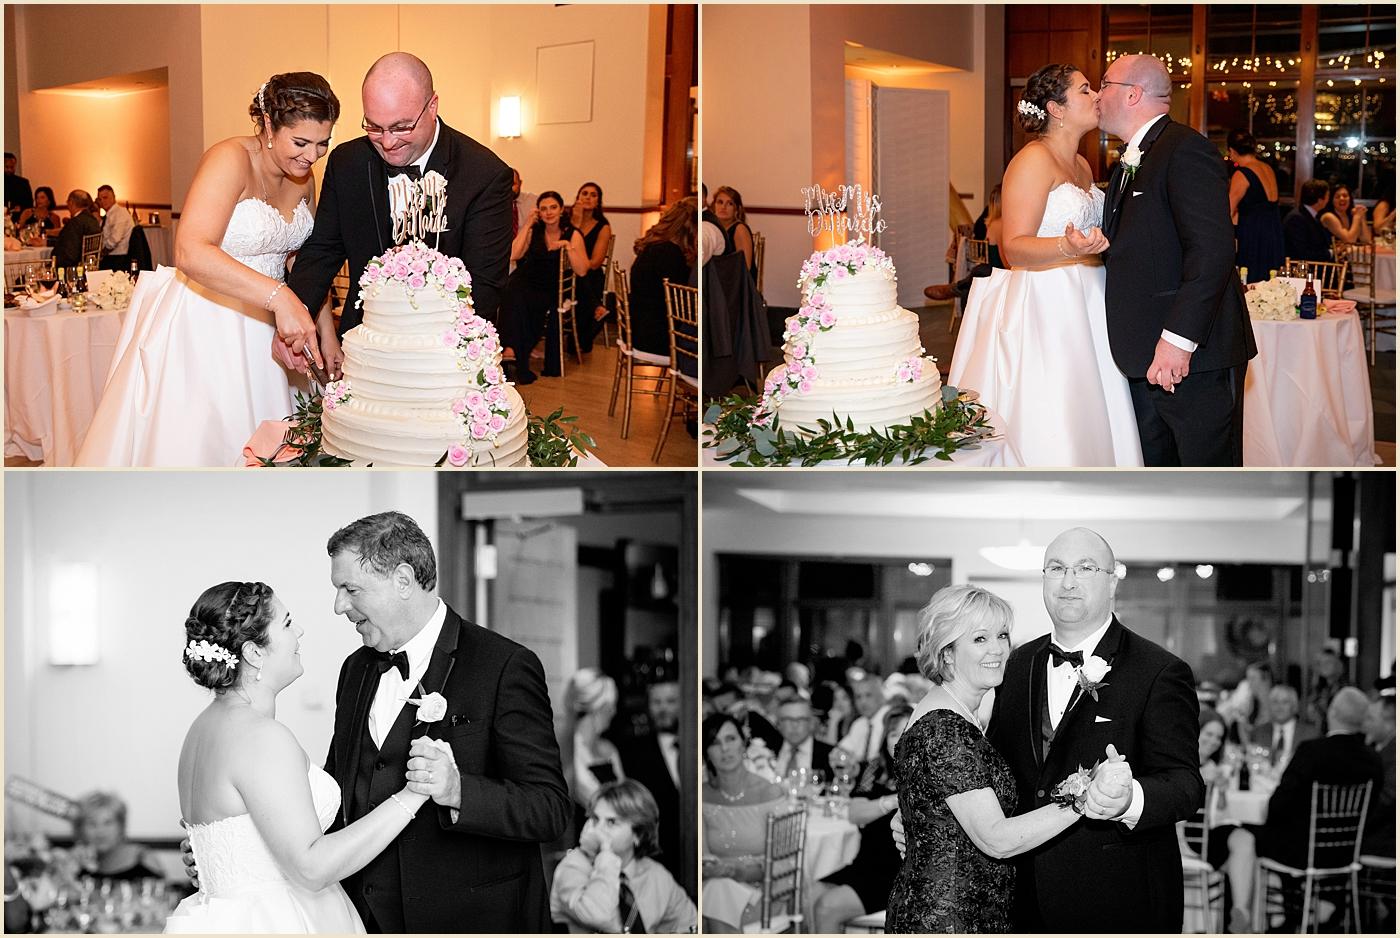 Boston Seaport Wedding Venue The Exchange